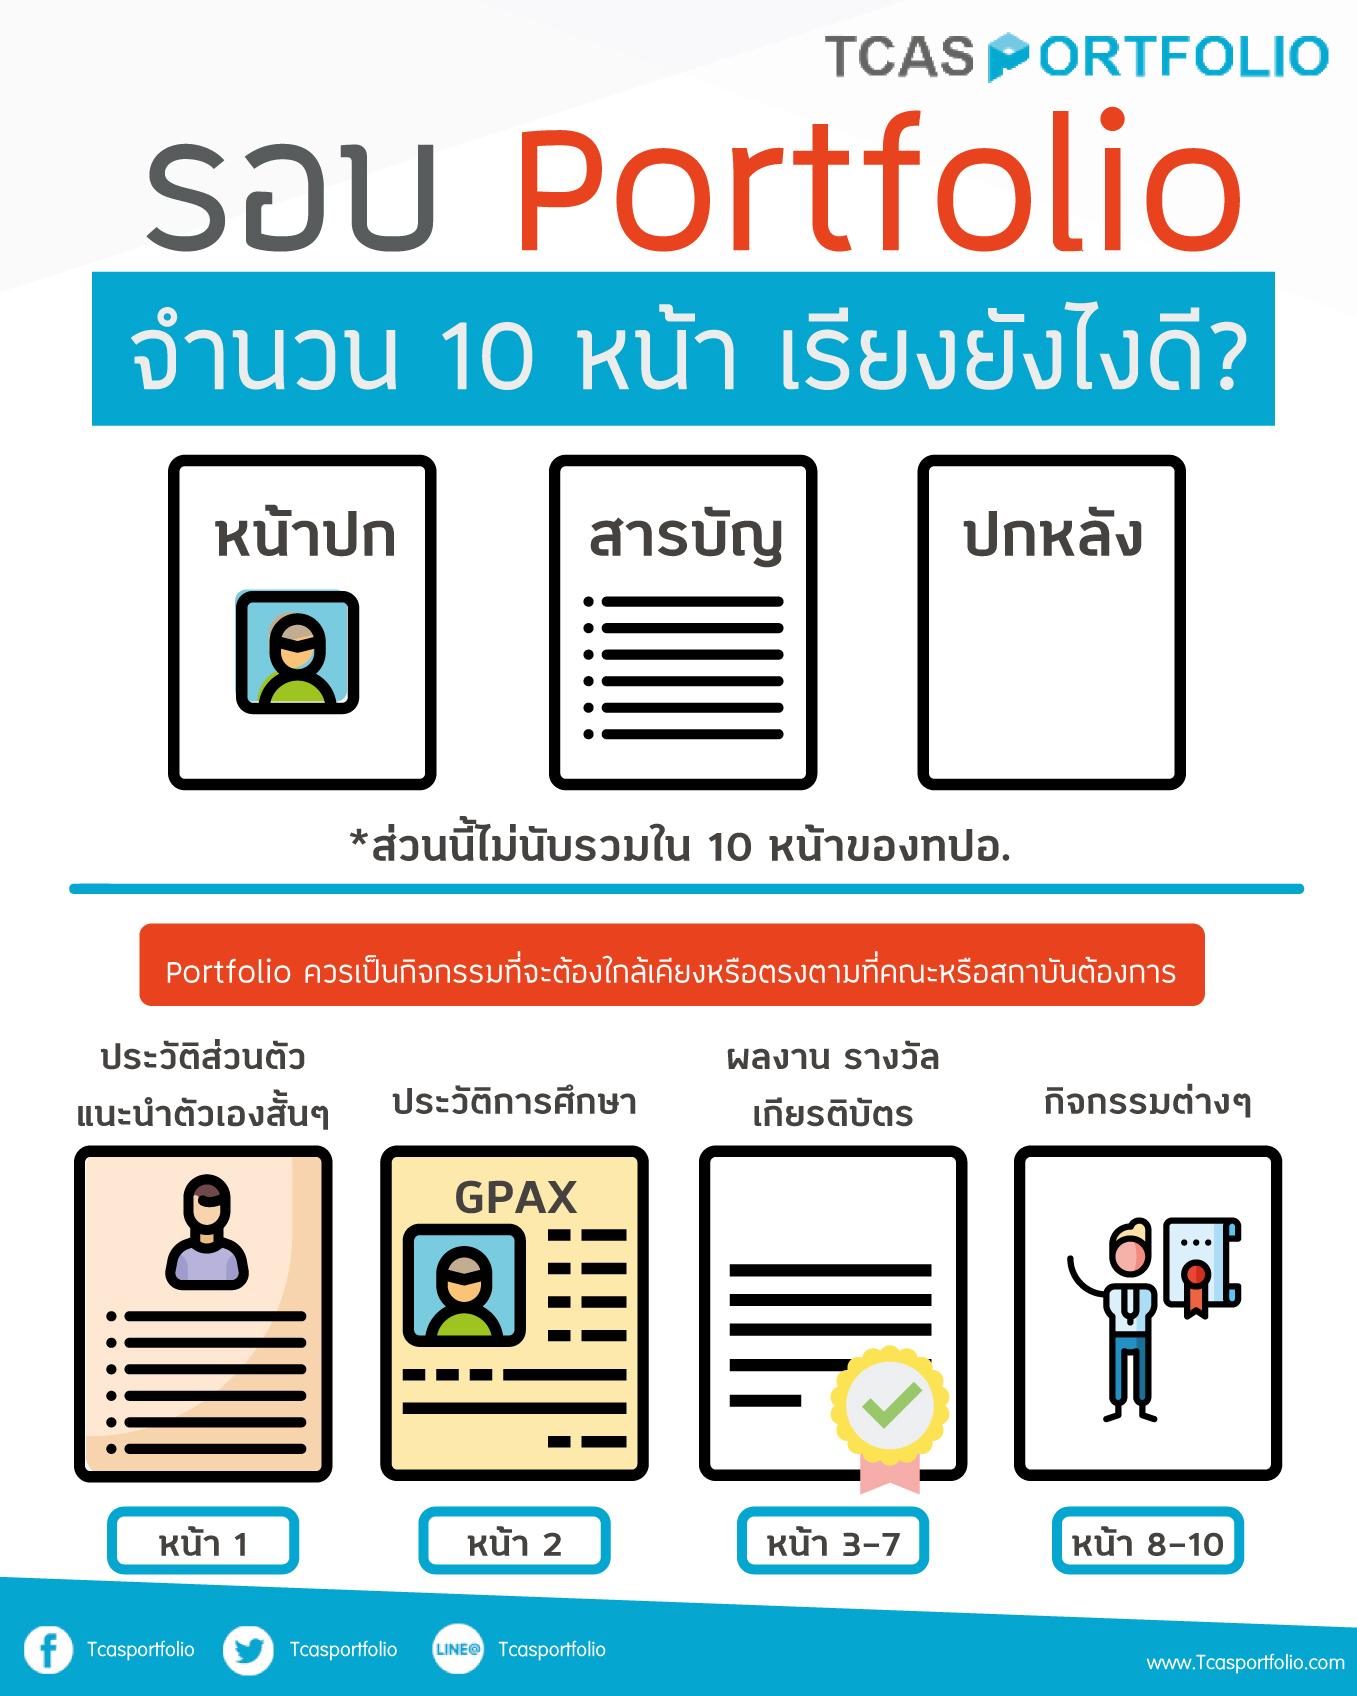 ตัวอย่าง portfolio เข้ามหาลัย ทั้งเล่ม , พอร์ตโฟลิโอ 10 หน้า ต้องมีอะไรบ้าง? ,เตรียมตัวพร้อมก่อนยื่น TCAS , ประวัติการศึกษา , portfolio ประวัติส่วนตัว , พอร์ต สารบัญ , พอร์ต , พอร์ต10หน้า , พอร์ตฟอลิโอ มีอะไรบ้างประวัติการศึกษา พอร์ต , ตัวอย่าง portfolio เข้า มหา ลัย ทั้ง เล่ม